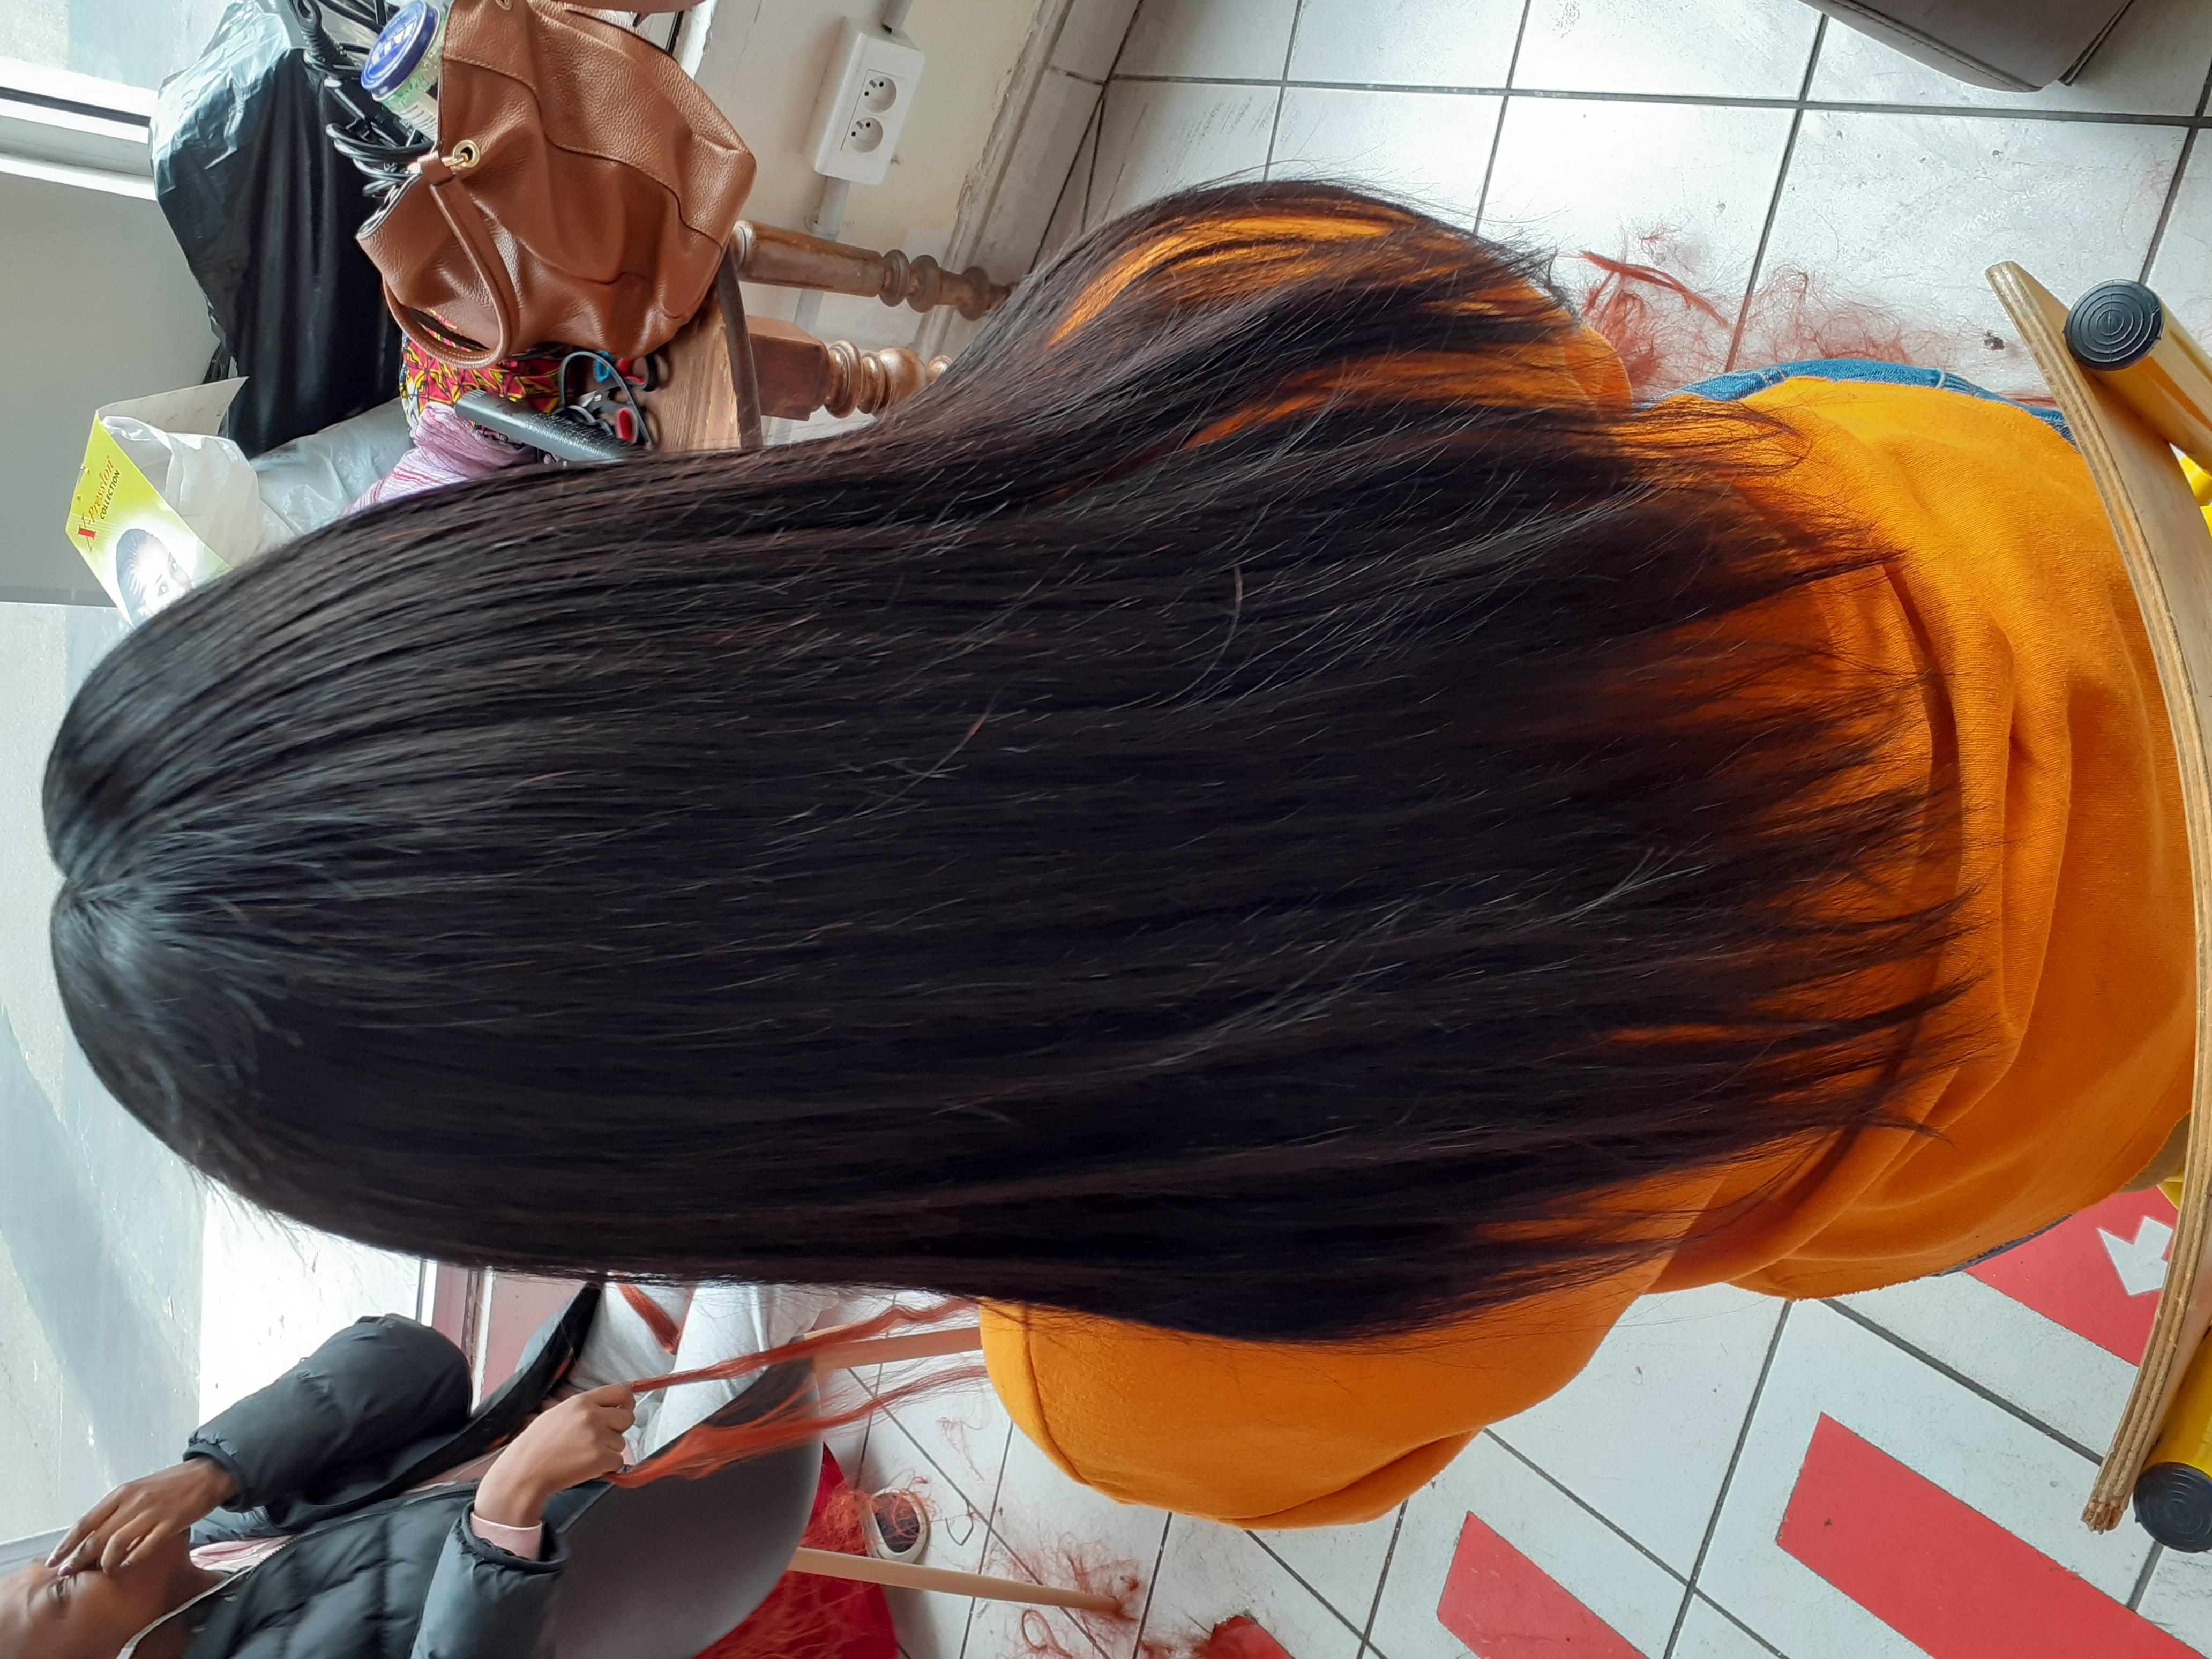 salon de coiffure afro tresse tresses box braids crochet braids vanilles tissages paris 75 77 78 91 92 93 94 95 JZFFPCCR